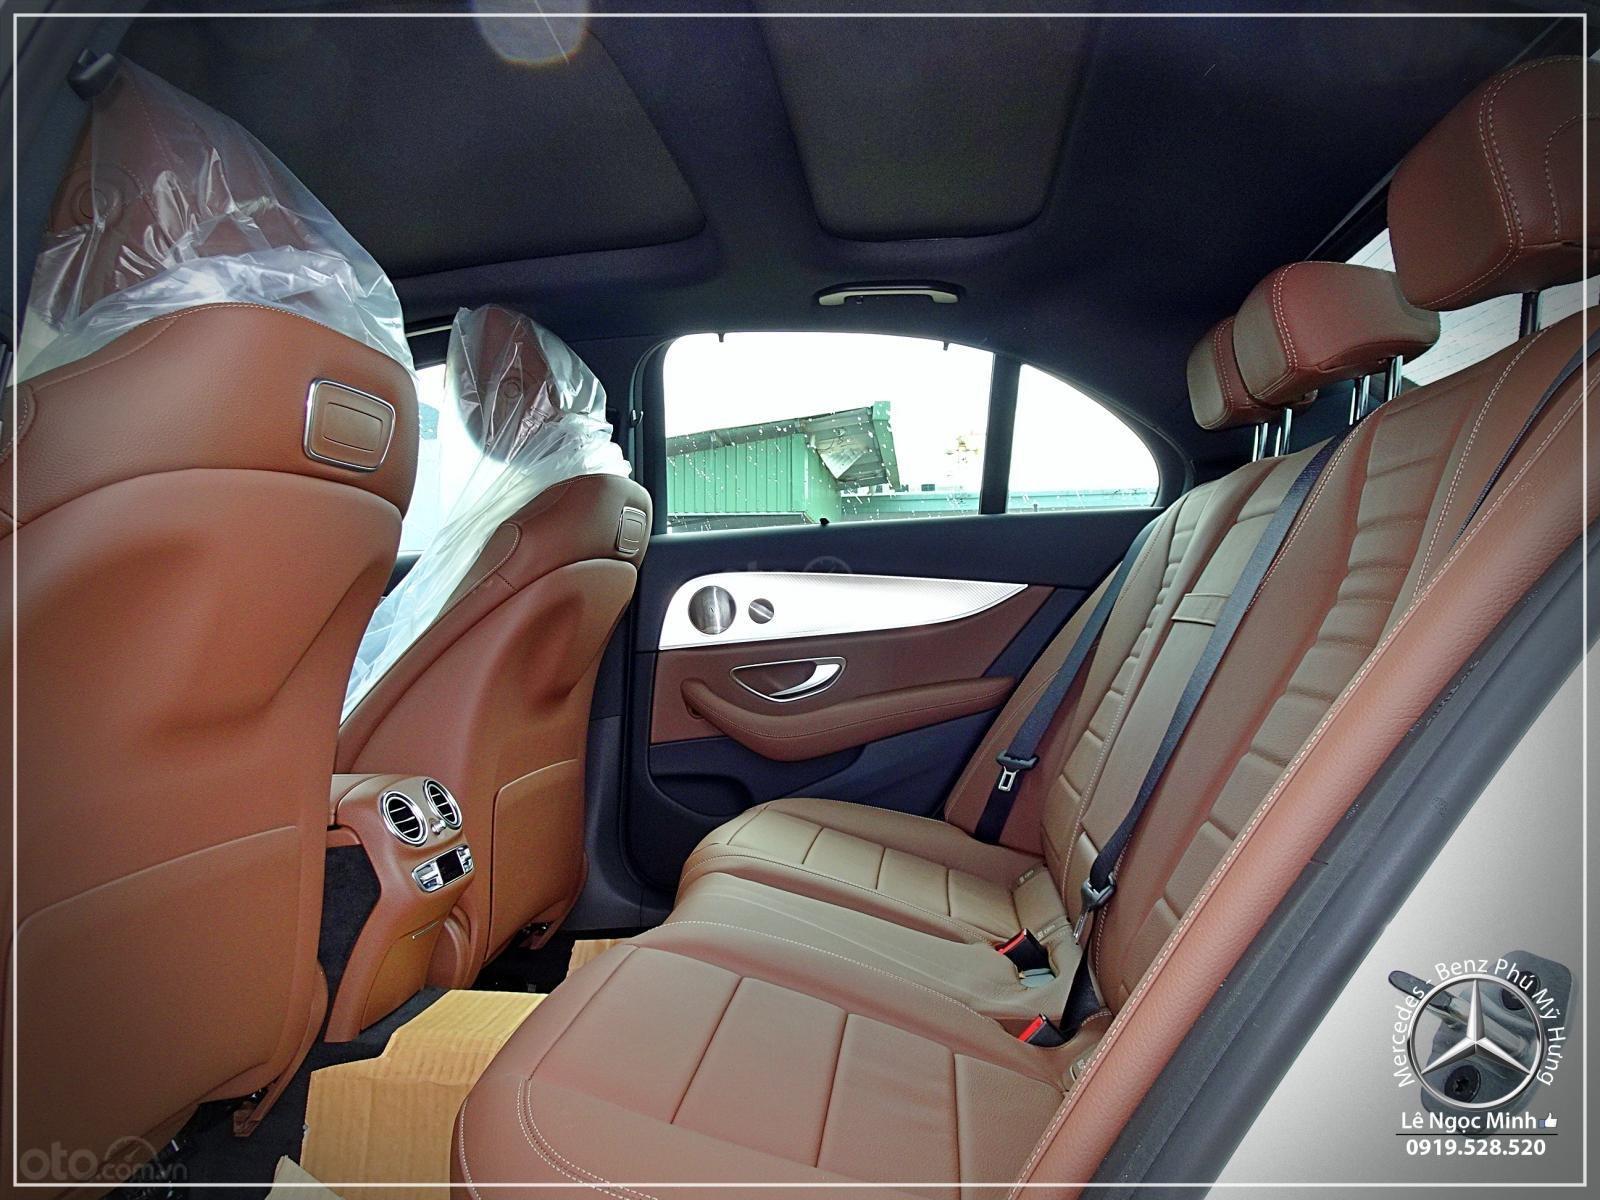 Bán xe Mercedes-Benz E200 Sport 2019, xe giao ngay, hỗ trợ bank 80% - ưu đãi tốt, LH: 0919 528 520 (9)